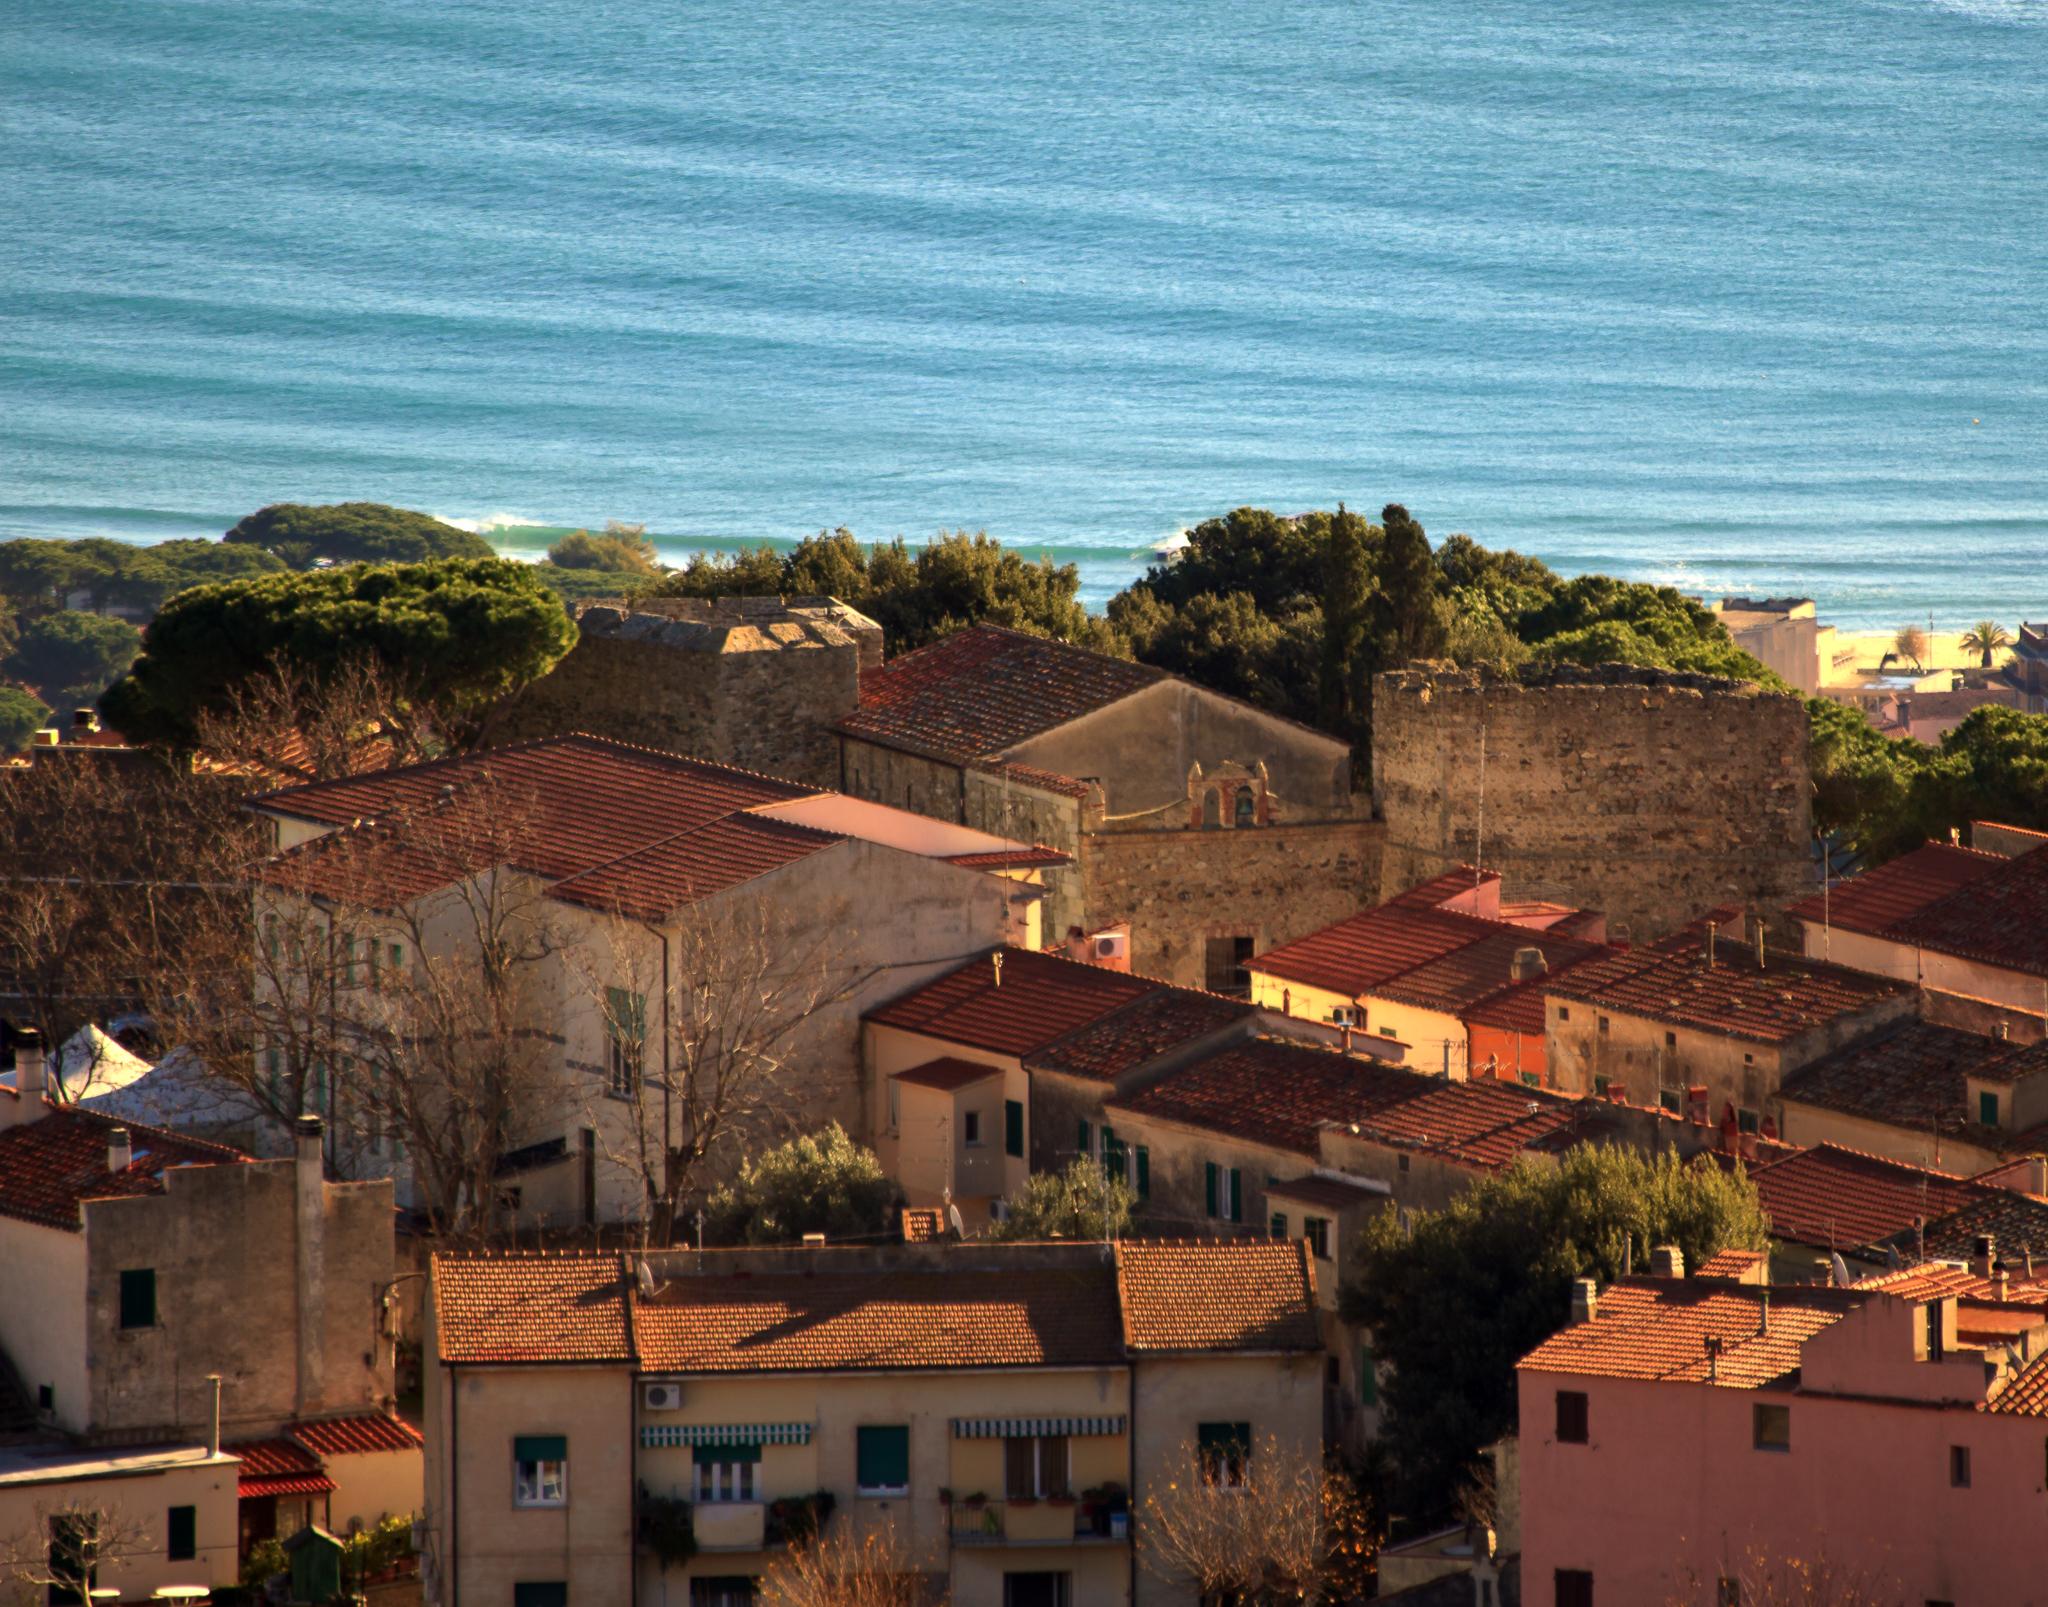 San Piero. Borgo famoso per le cave di granito ma anche per i caprili